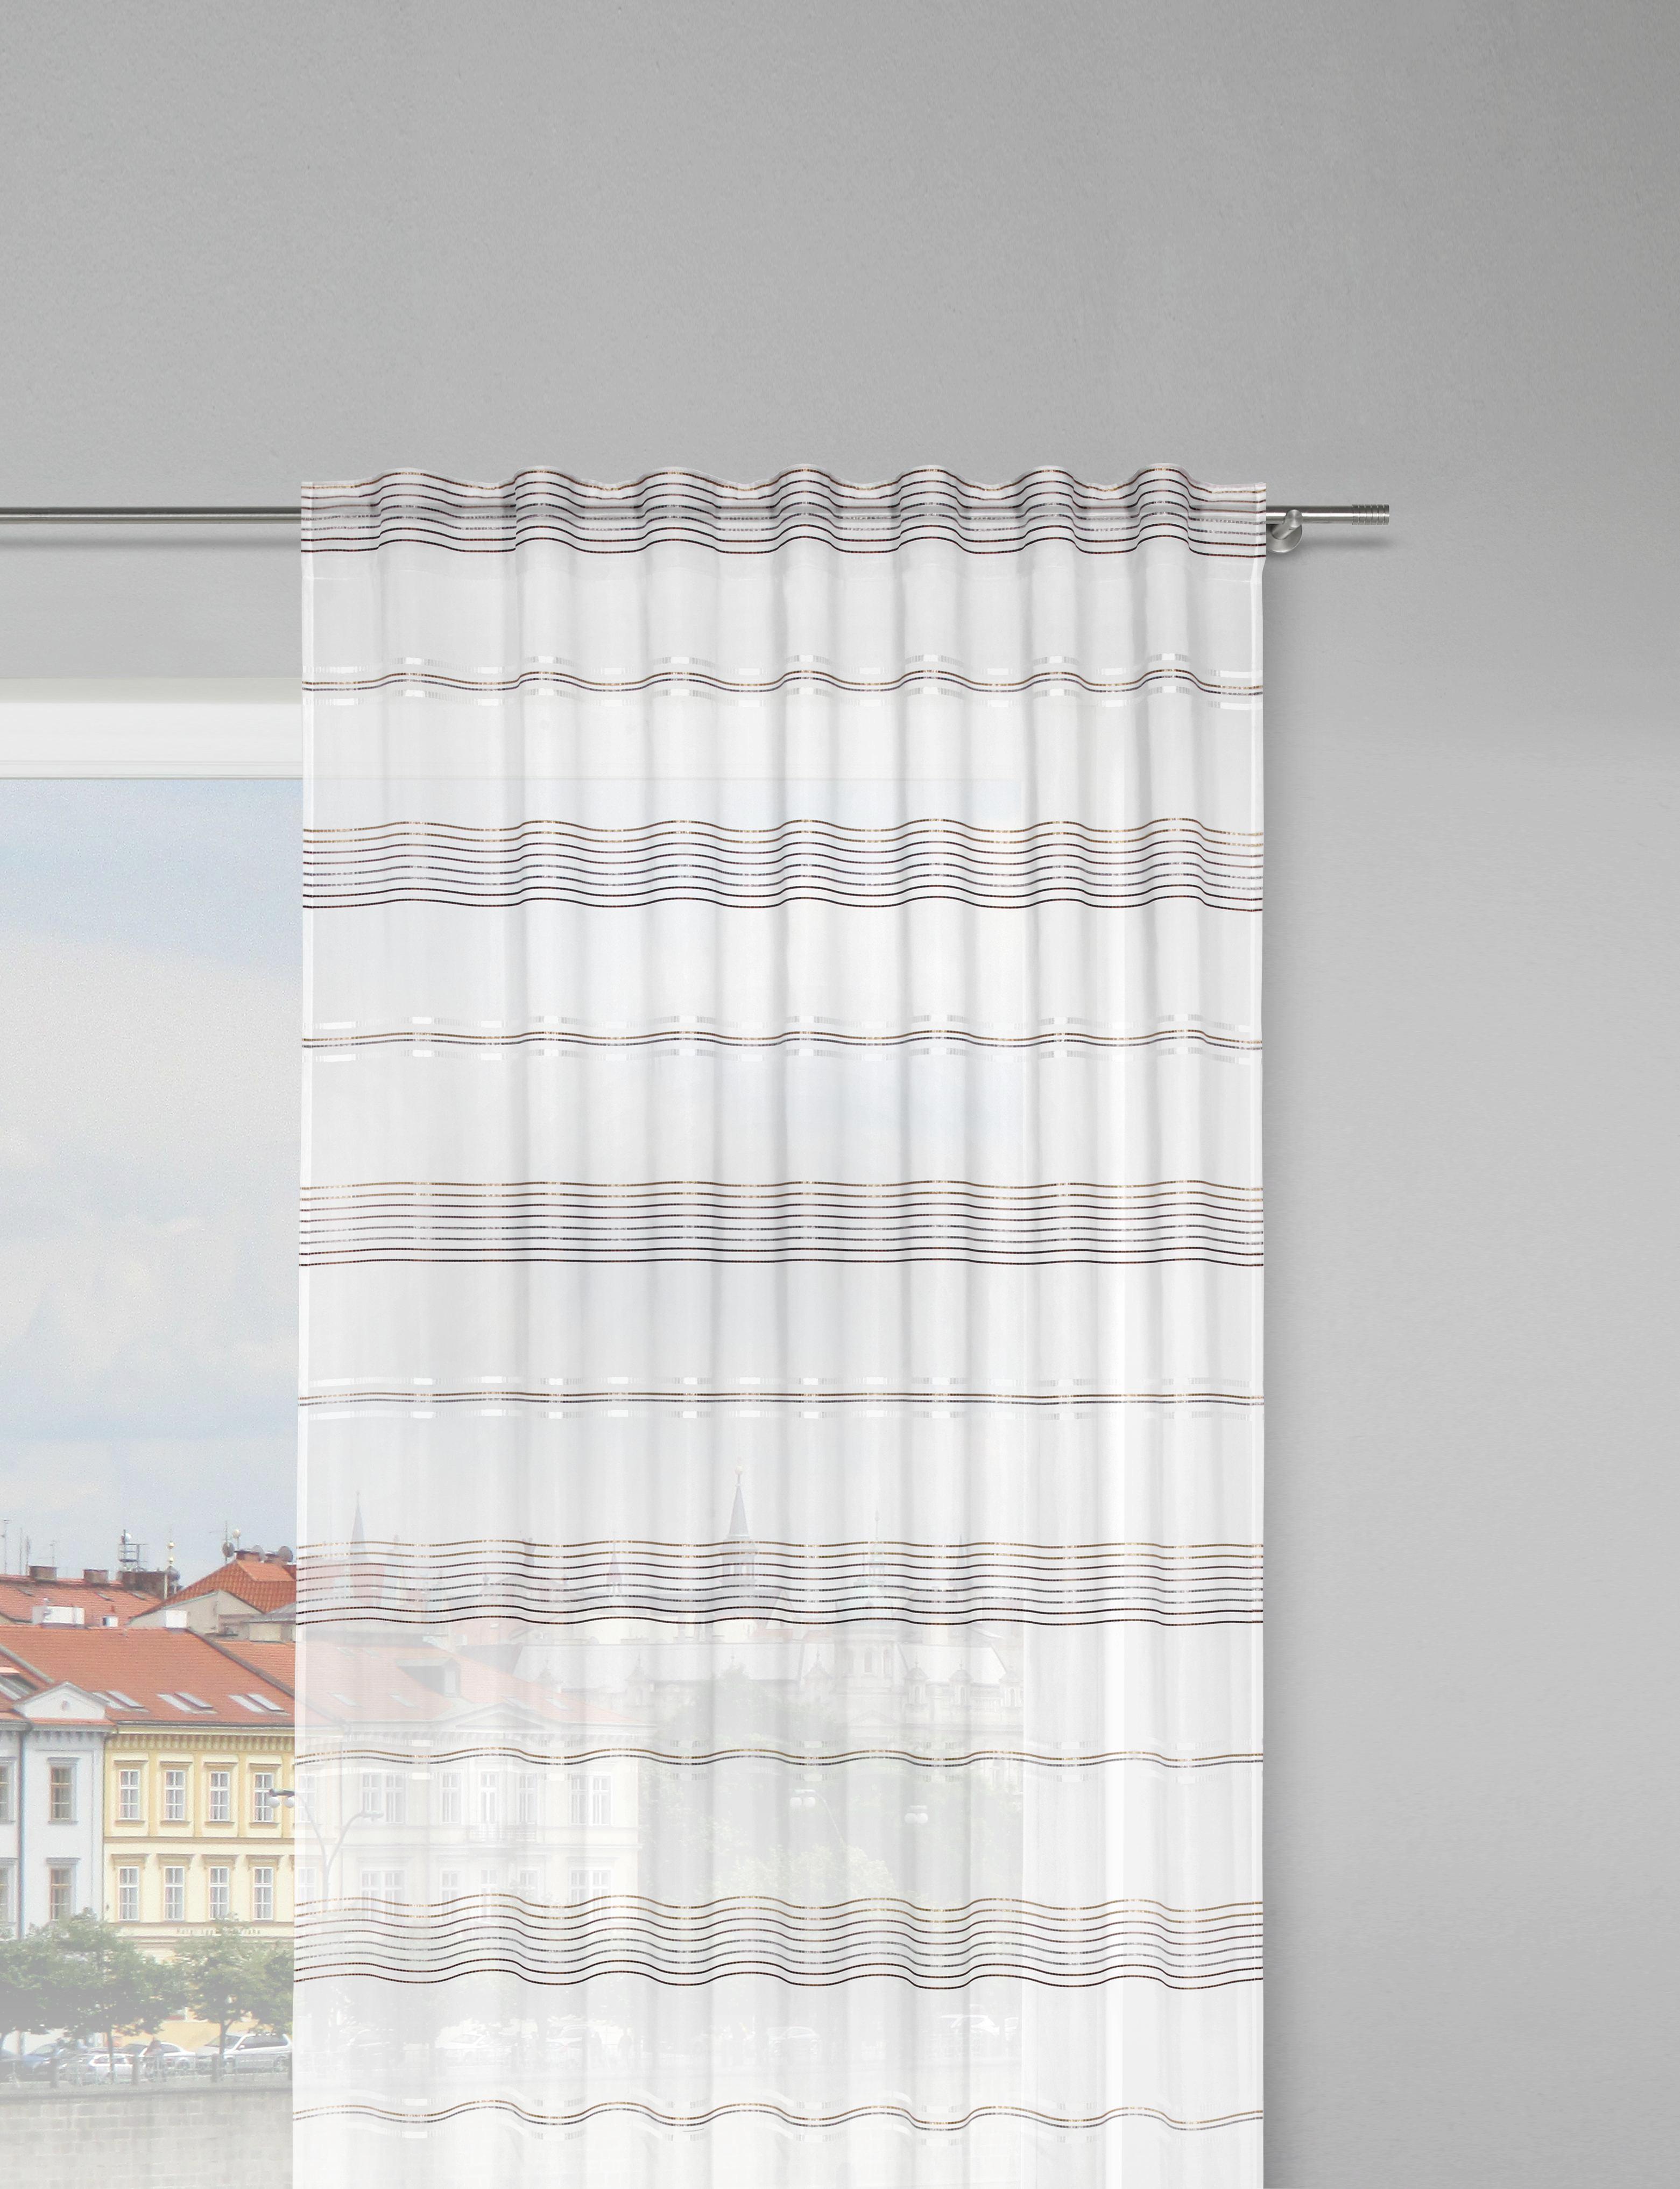 Záves Louis - hnedá/biela, Konvenčný, textil (140/245cm) - MÖMAX modern living